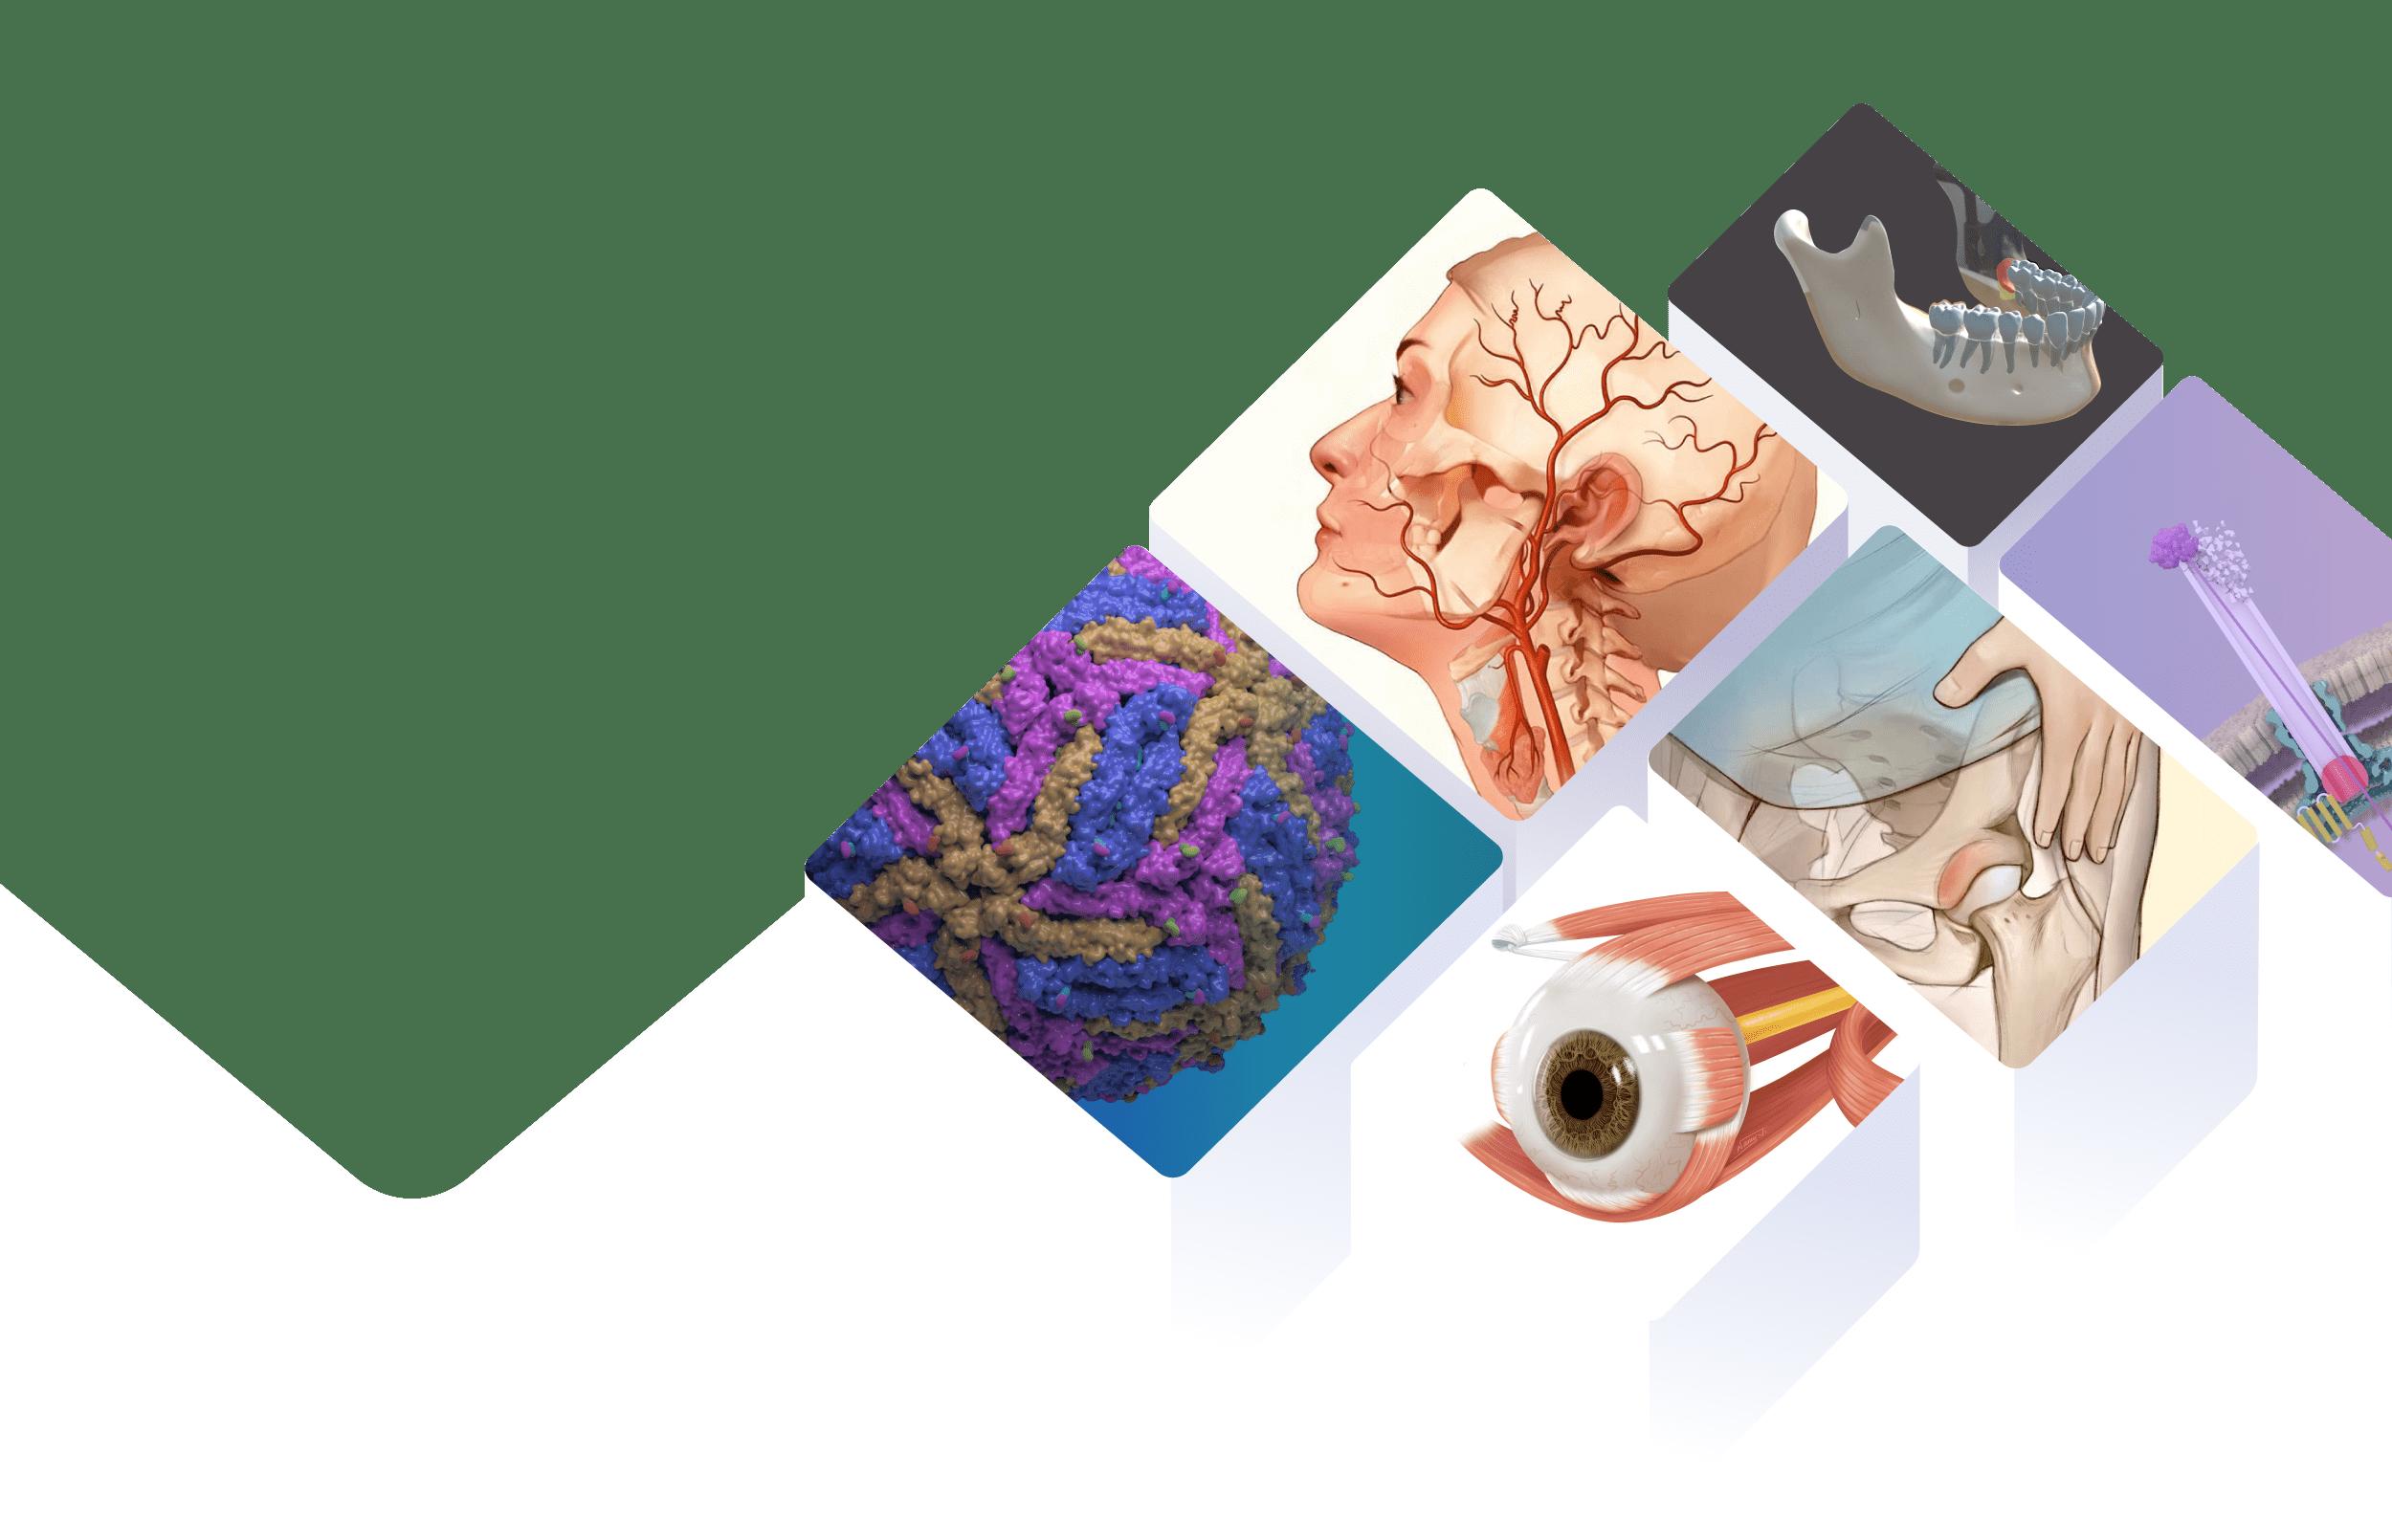 BioHues Digital